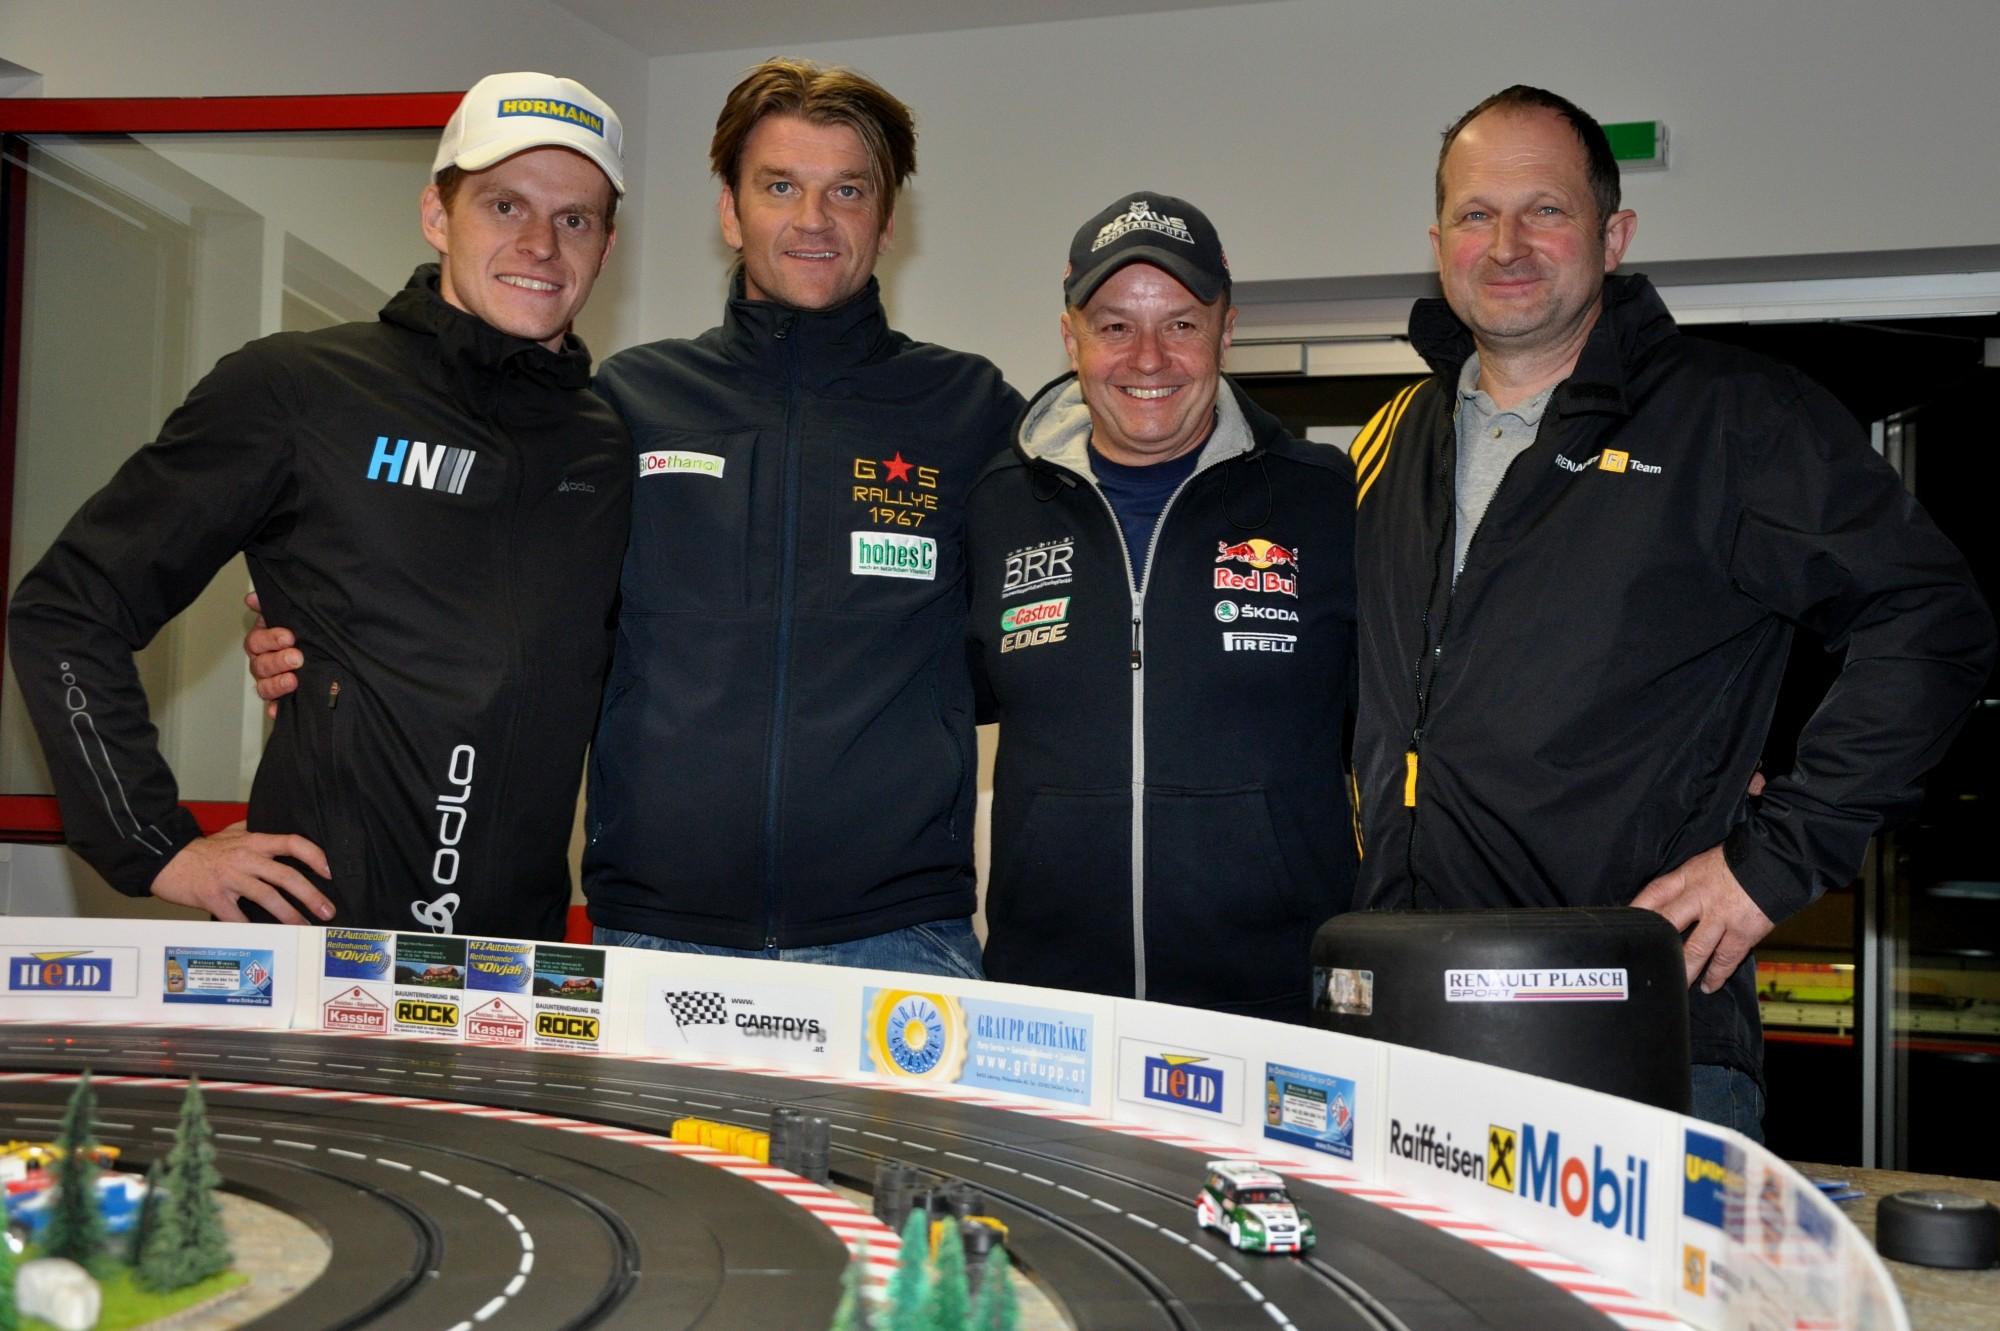 Neubauer / Grössing / Baumschlager / Plasch - Rebenland Rallye 2014